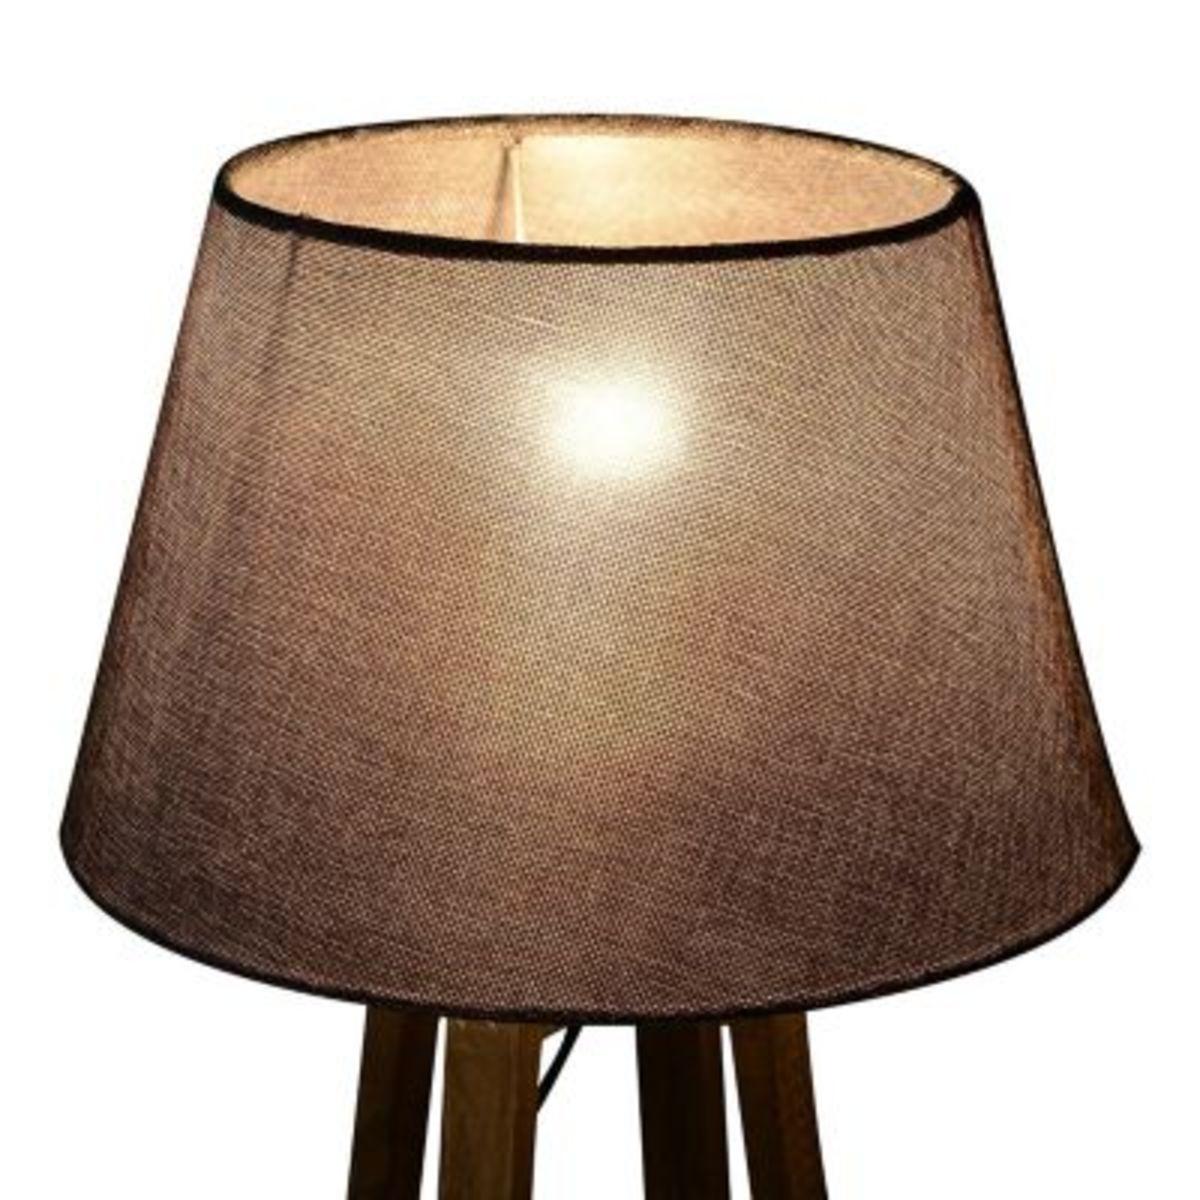 Bild 3 von Nachttischlampe